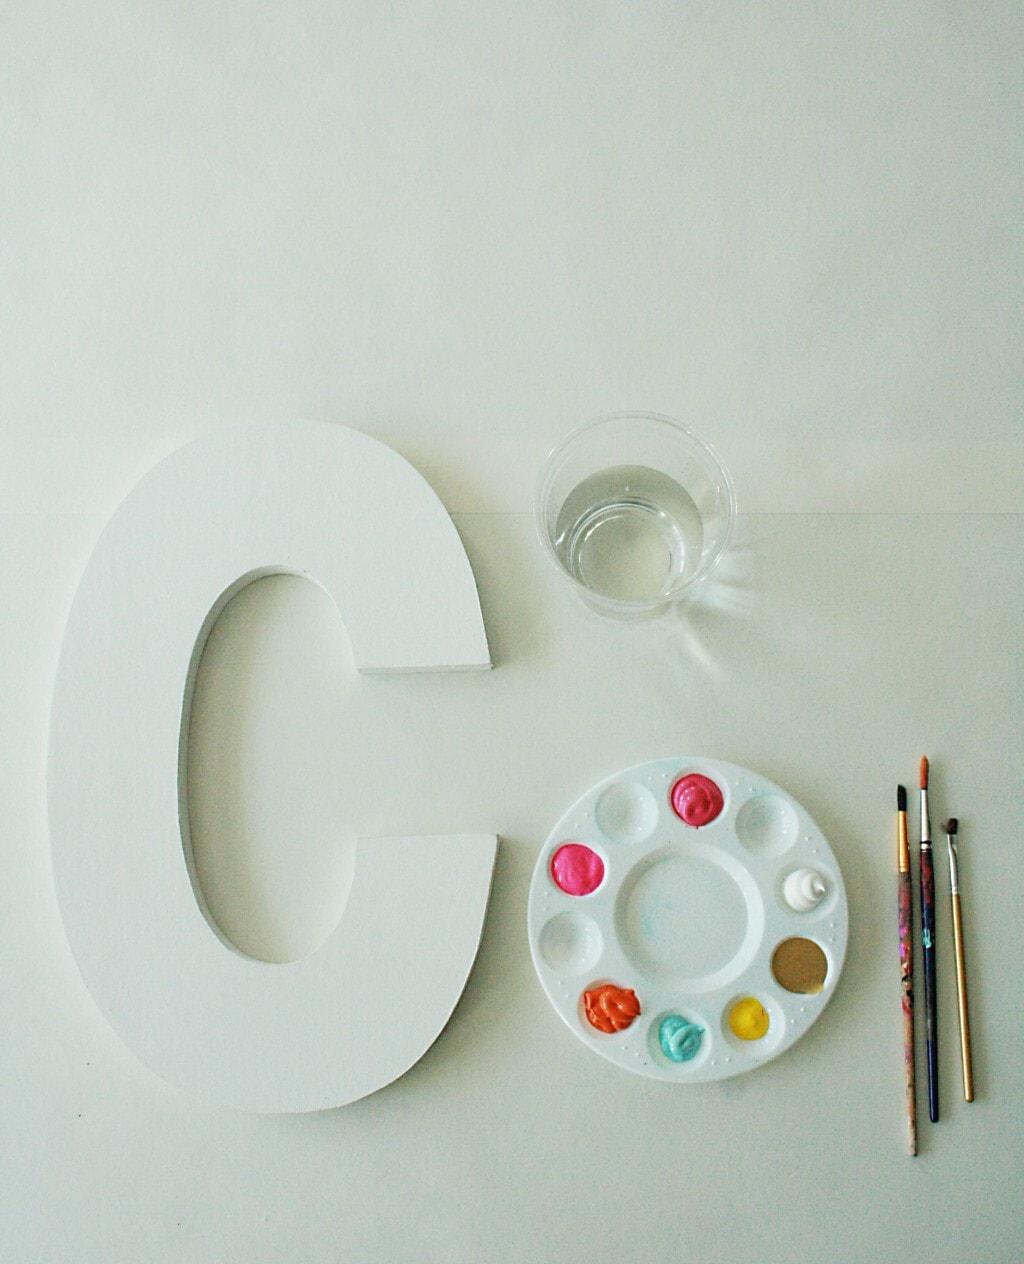 Basic Acrylic Paint Joanns